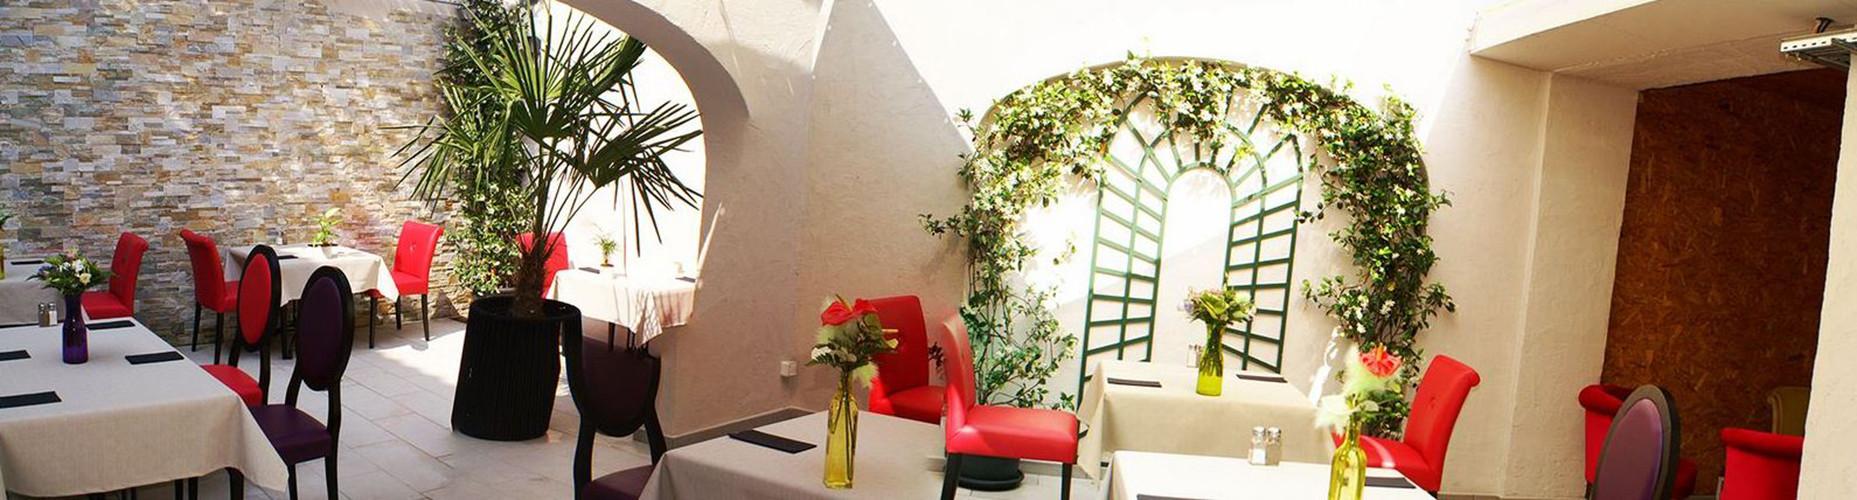 décoration restaurant st tropez style flamingo